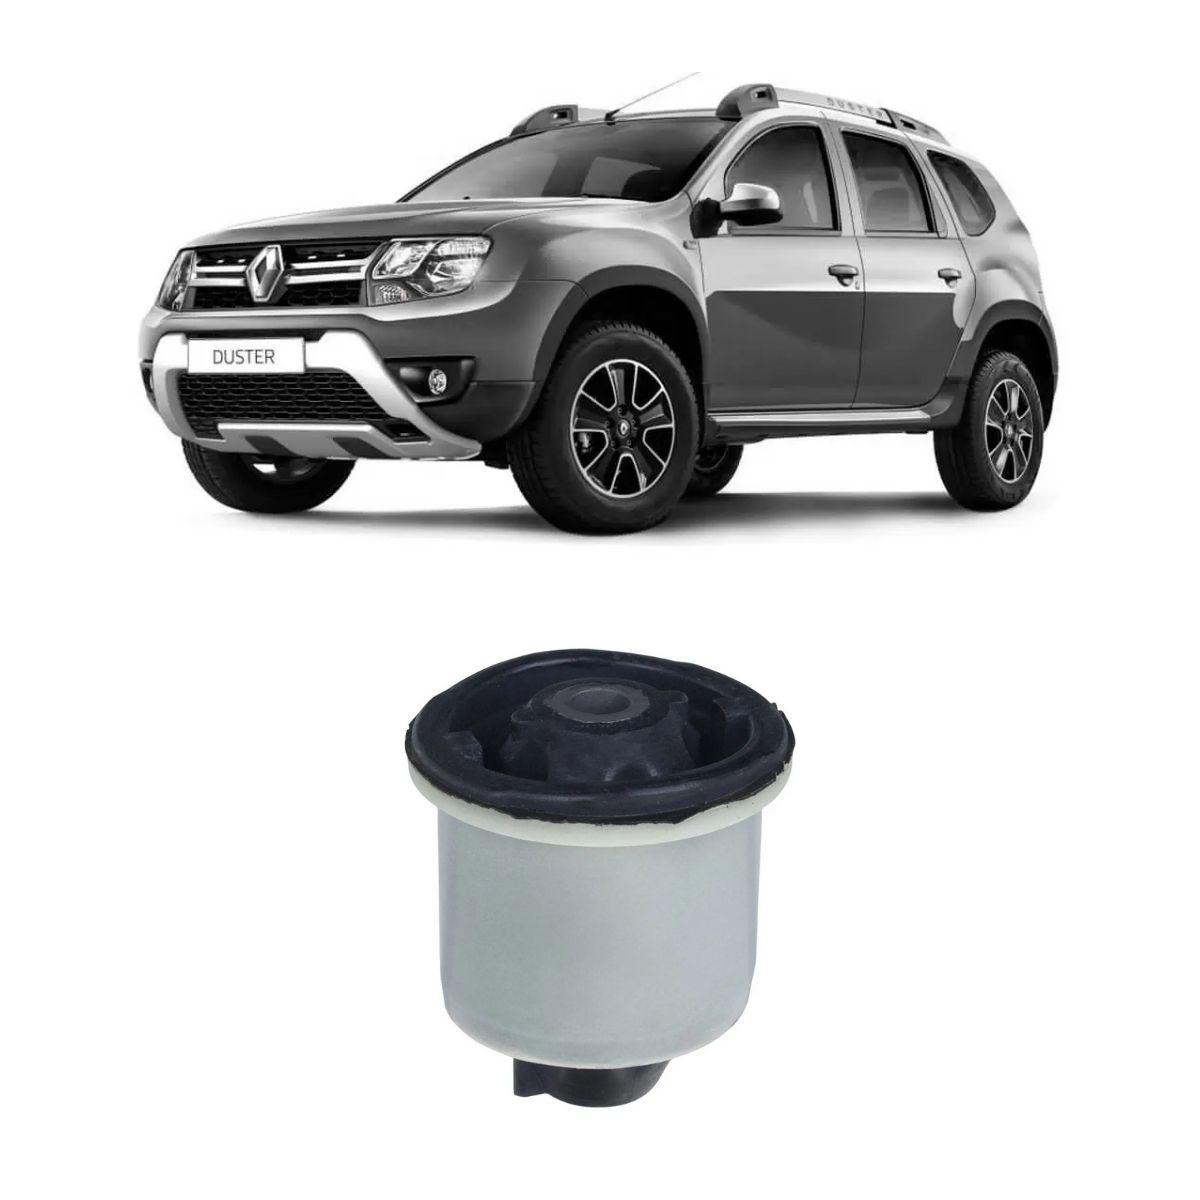 Bucha Eixo Traseiro Renault Duster 4x2 12/ Logan Sandero 07/